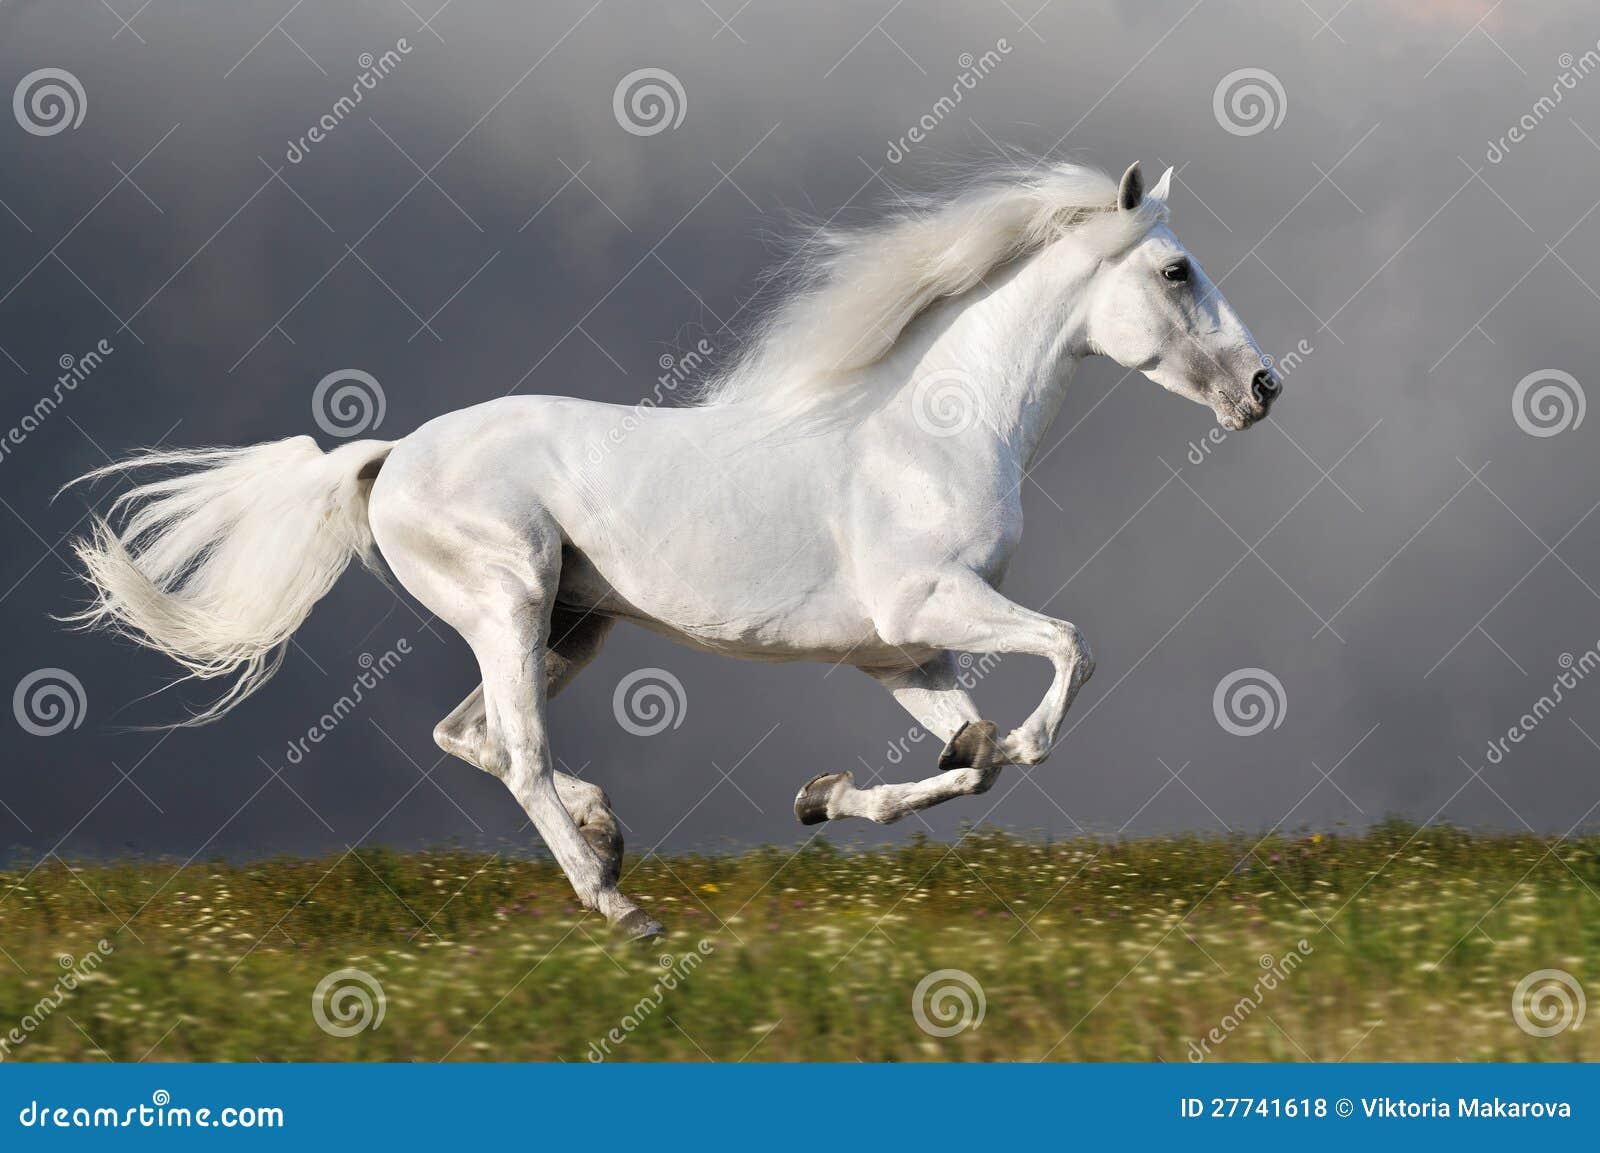 Weißes Pferd läuft auf den dunklen Himmelhintergrund